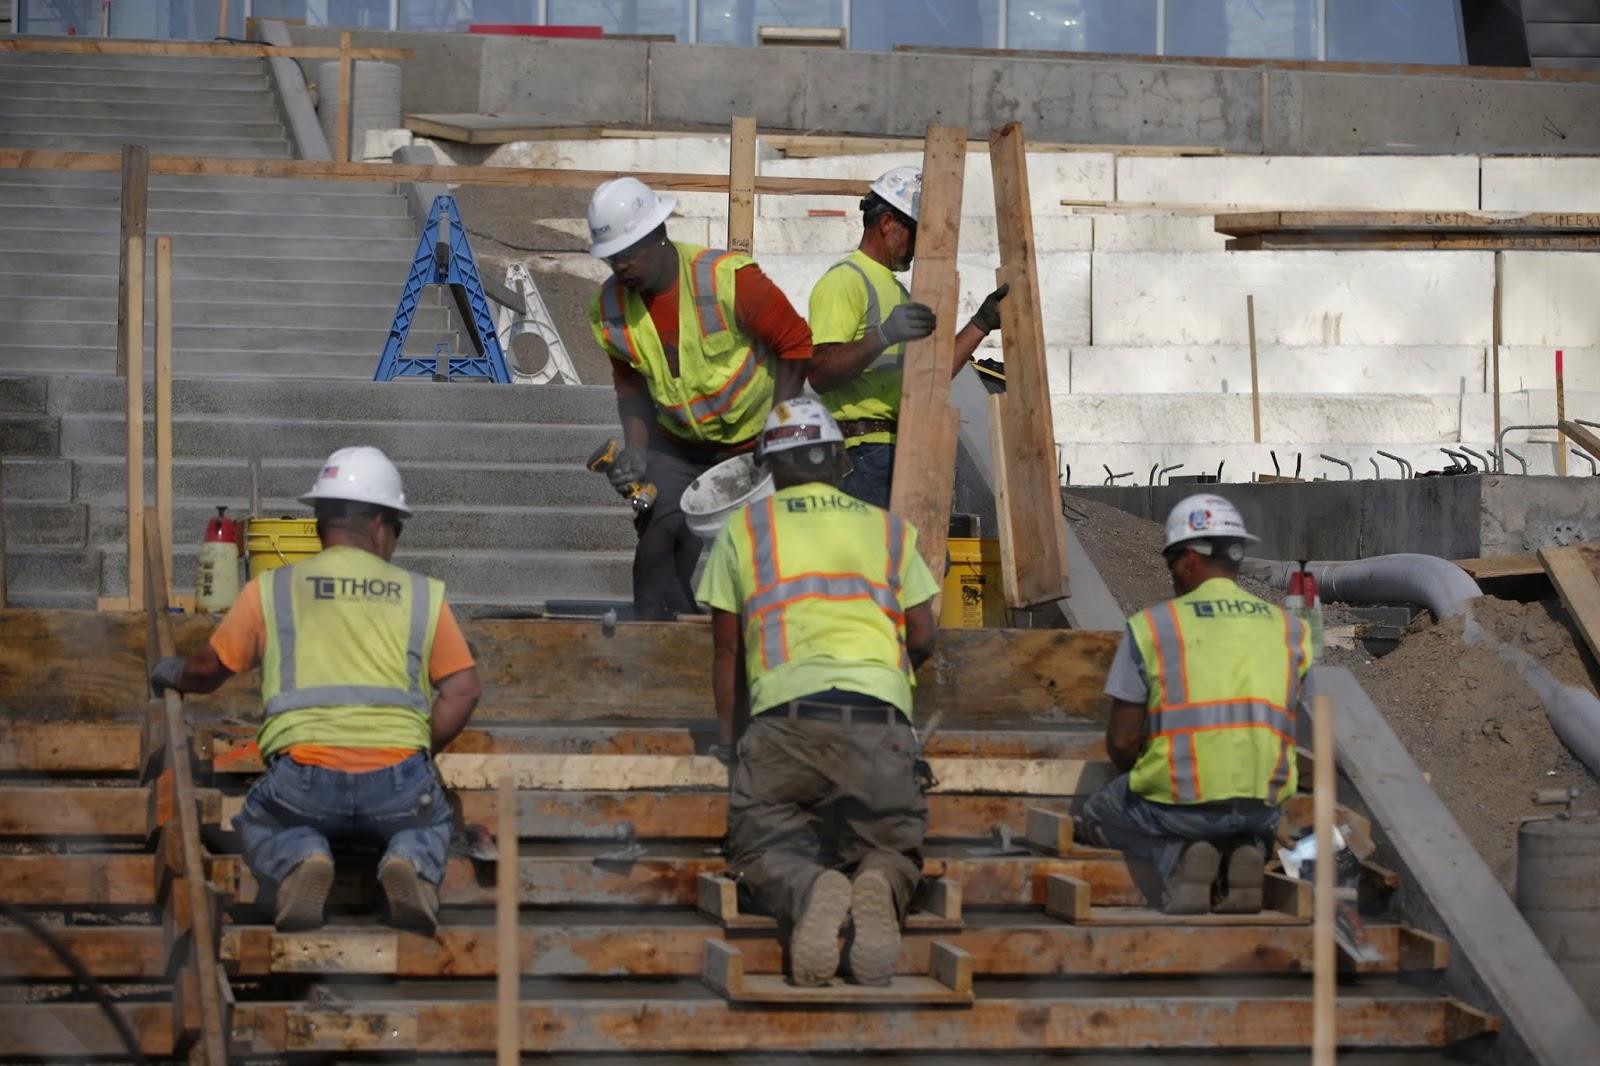 roofer work